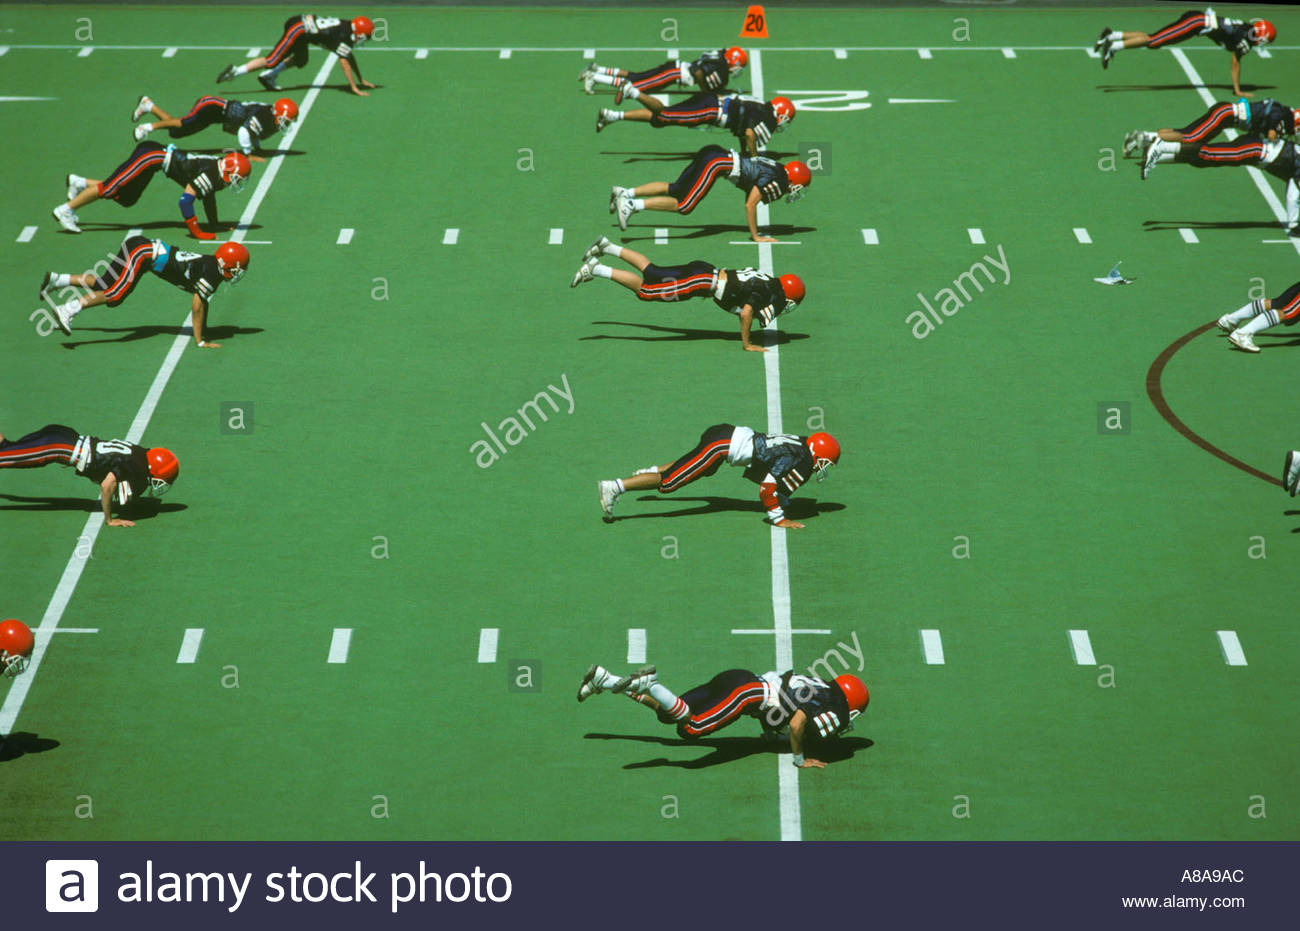 High school Football practice Seatlle Washington on Astroturf Stock Photo